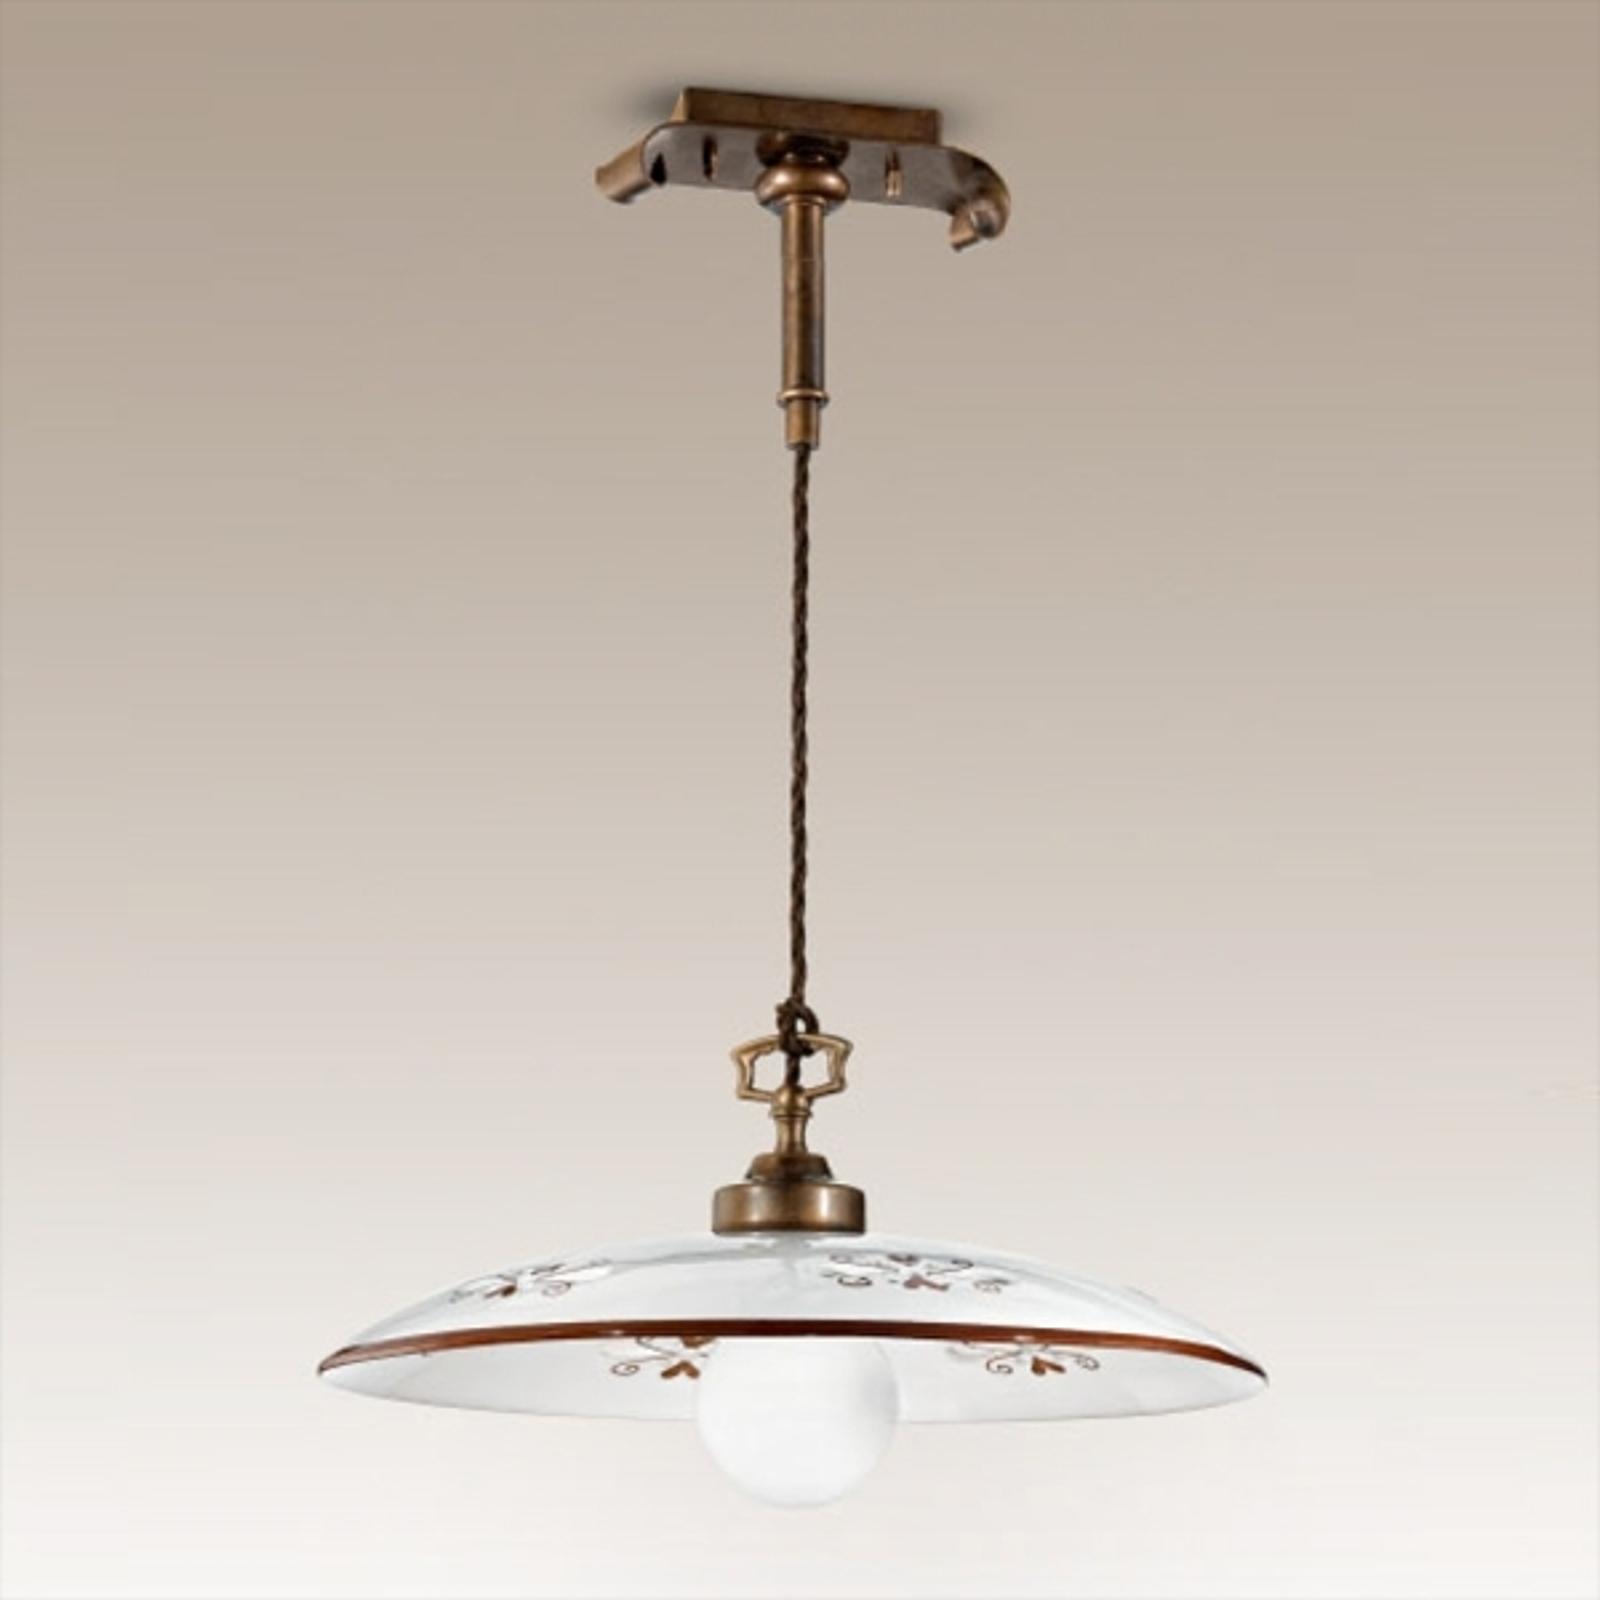 Gustowna lampa wisząca Bassano brązowa